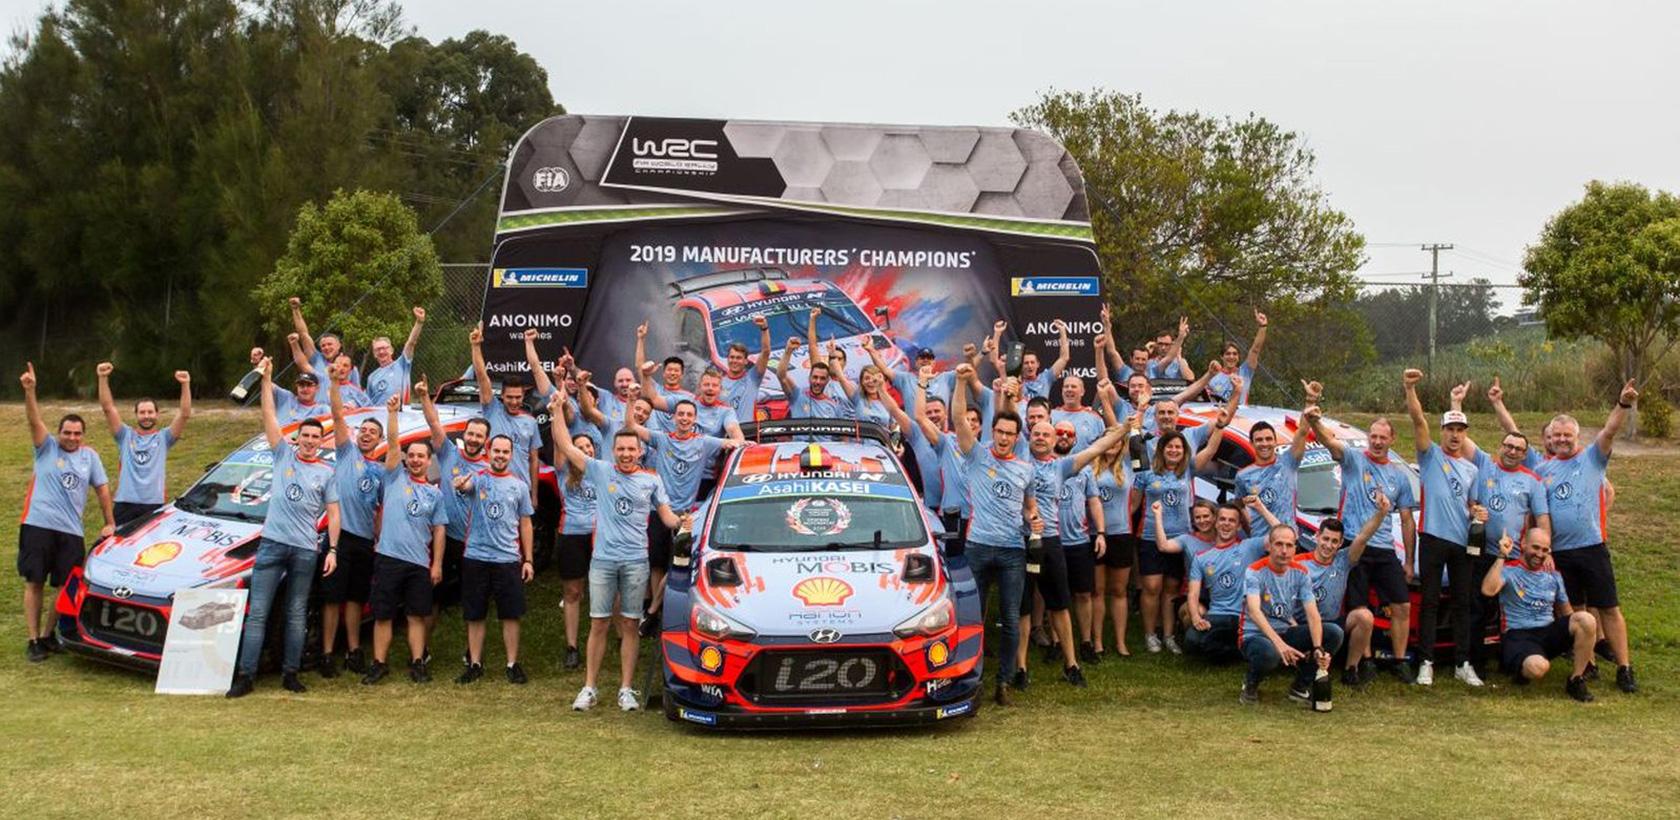 Hyundai remporte son premier titre WRC